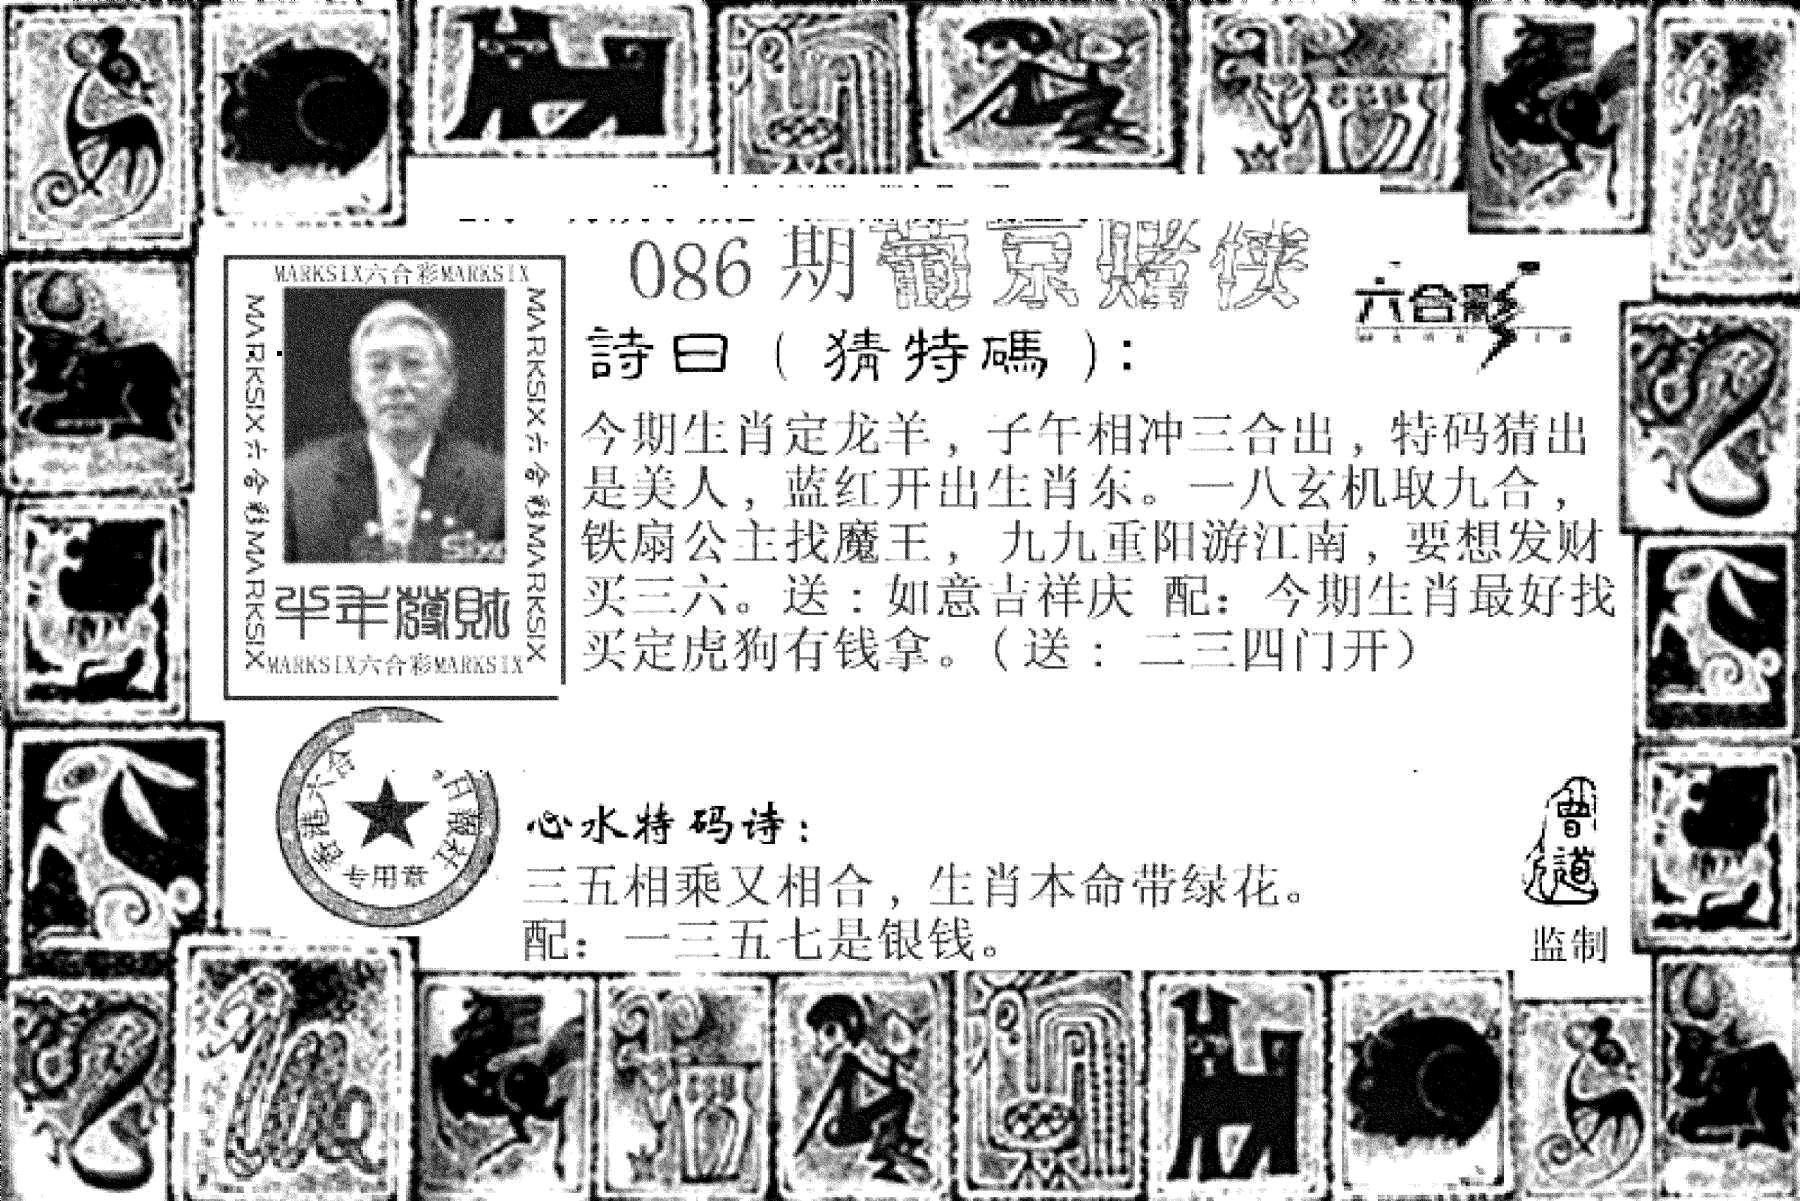 086期葡京赌侠(新)(黑白)